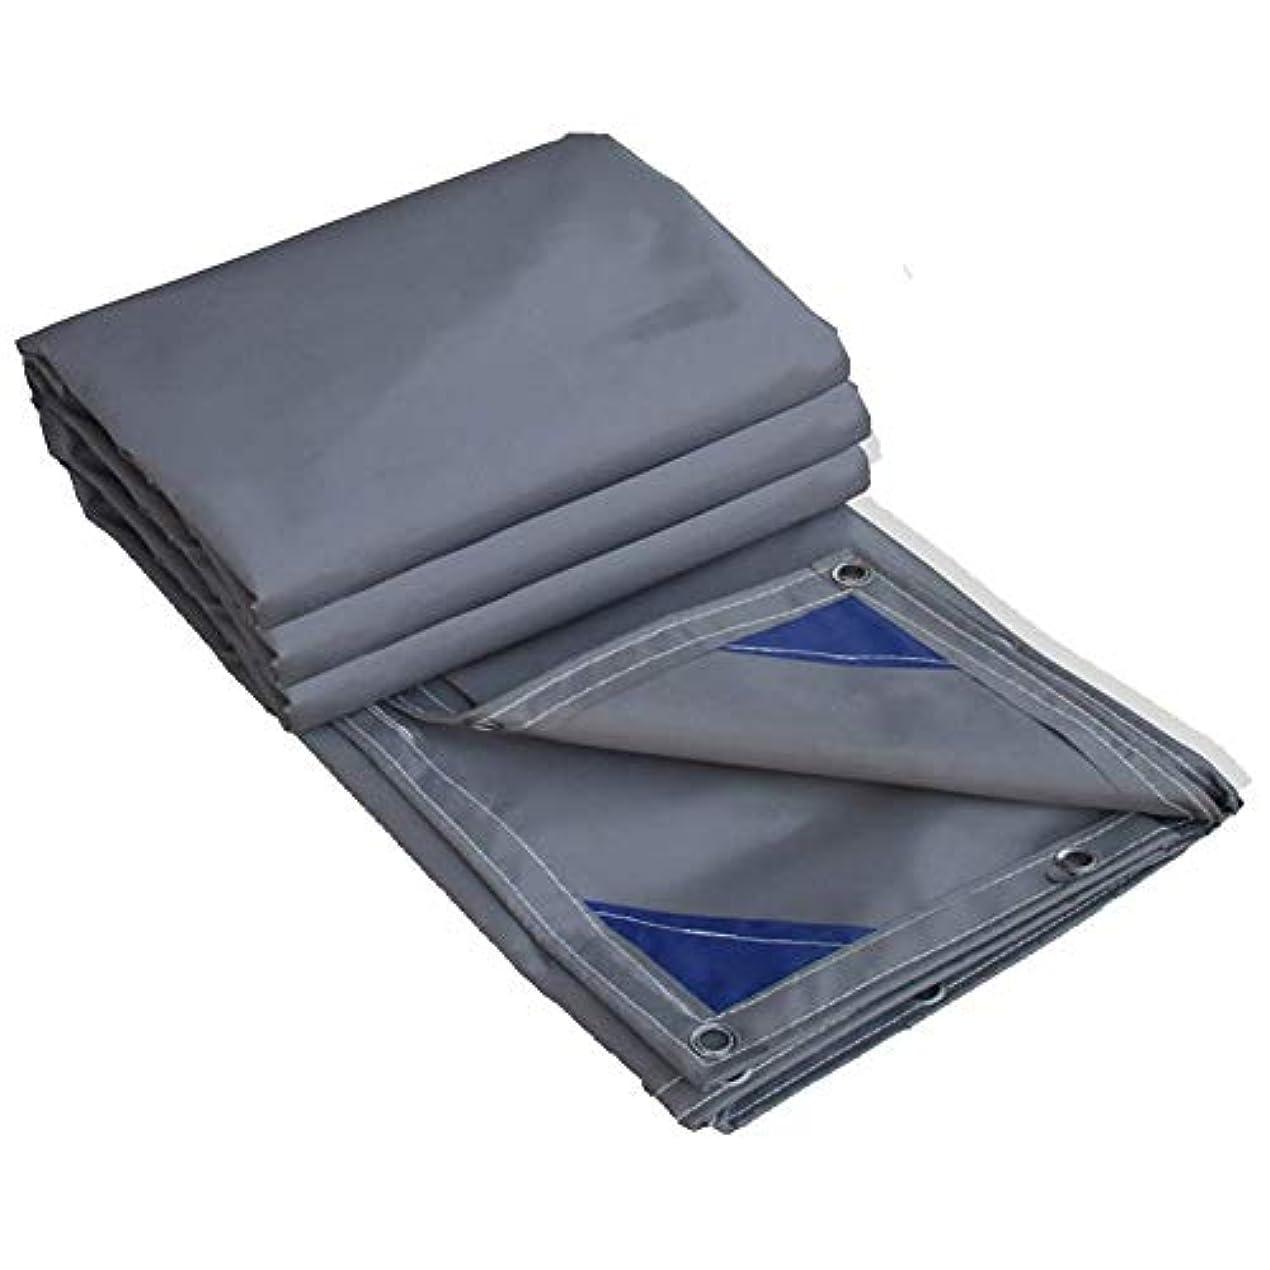 祝うすぐに骨折ZX タープ ターポリン厚くする防水布屋外のパティオシェード高強度ナイフ削り布四季のユニバーサル テント アウトドア (Color : Gray, Size : 3x4m)